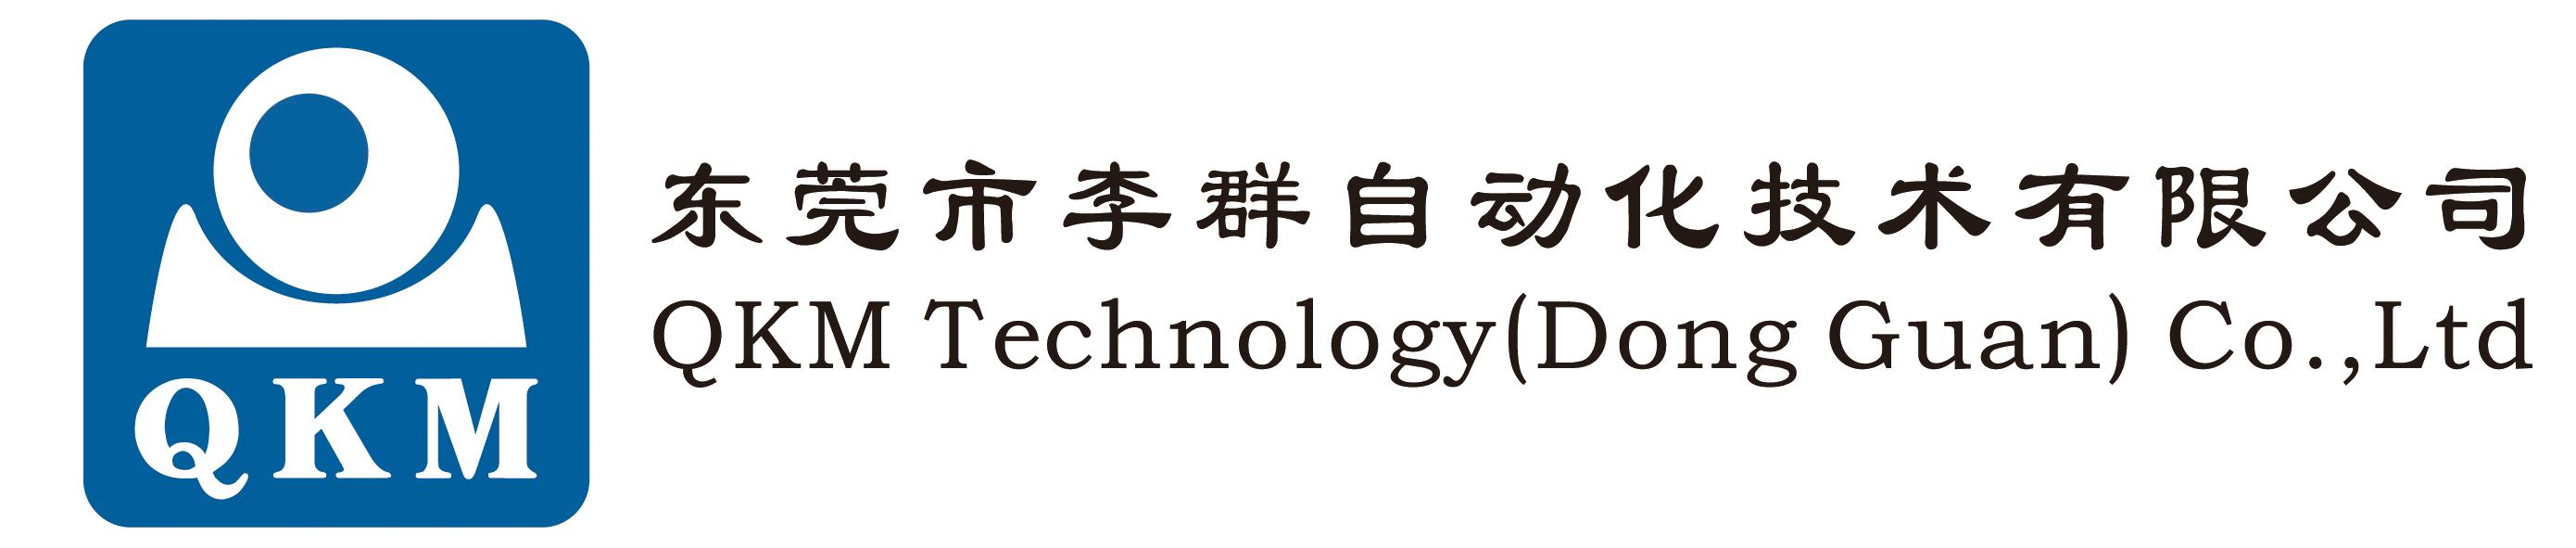 东莞市李群自动化技术有限公司